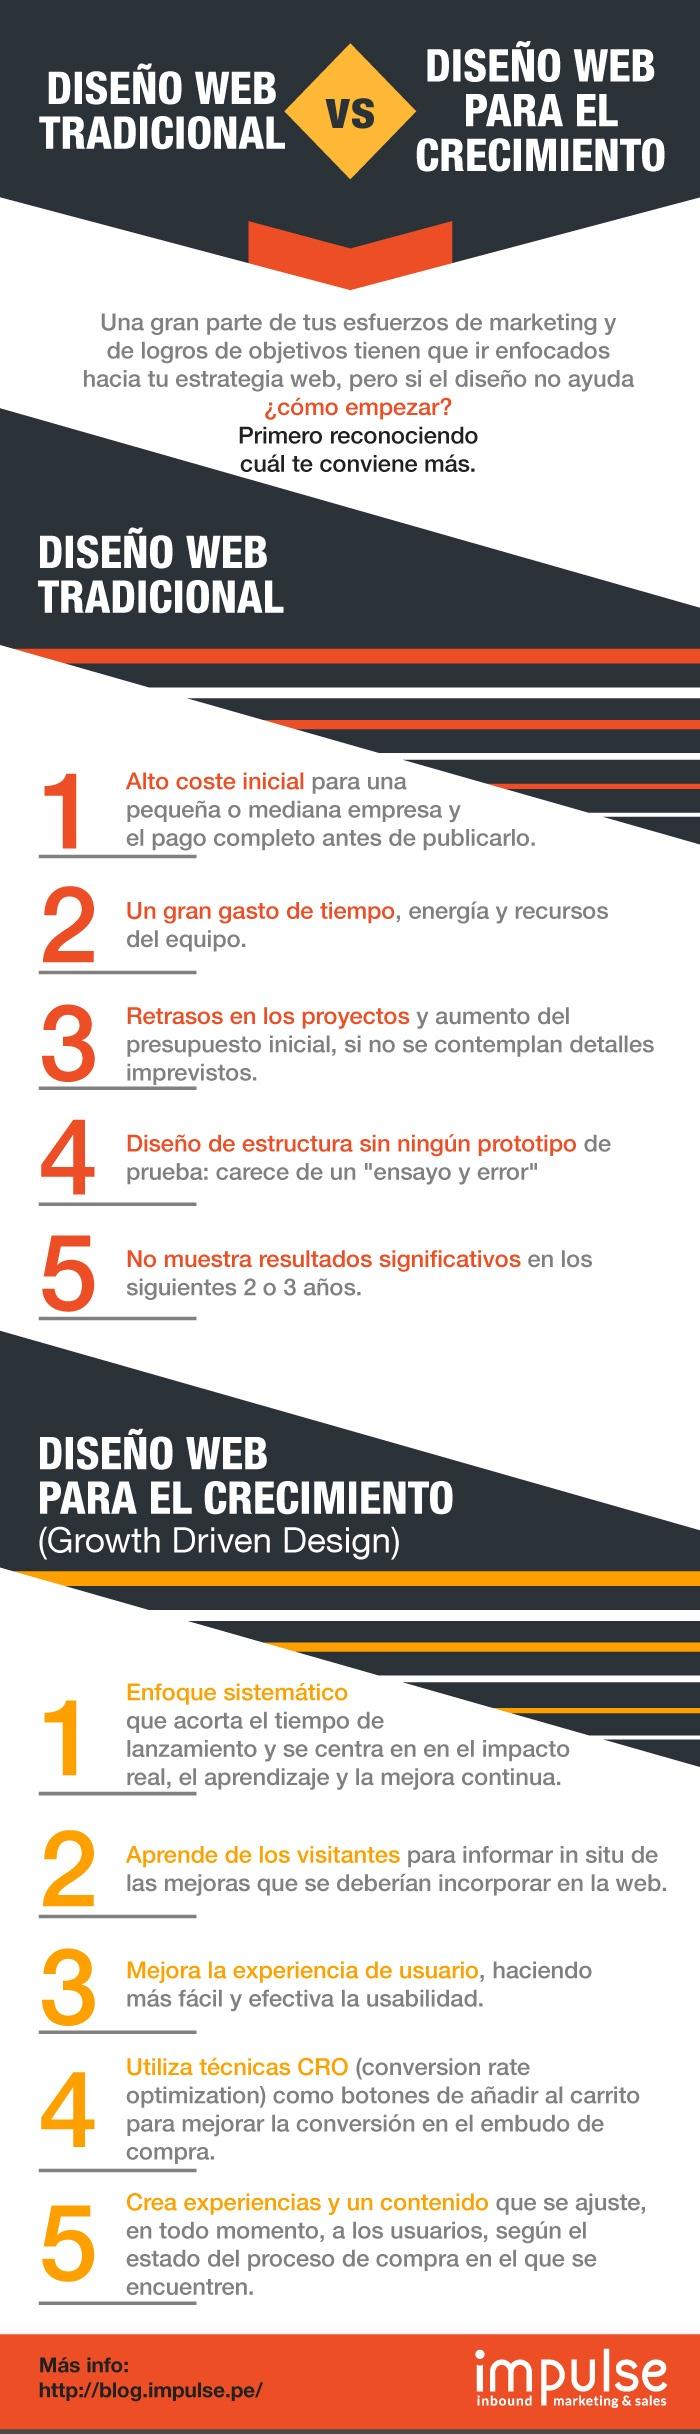 diseno-web-tradicional-promueve-el-crecimiento-diferencias-infografia.jpg